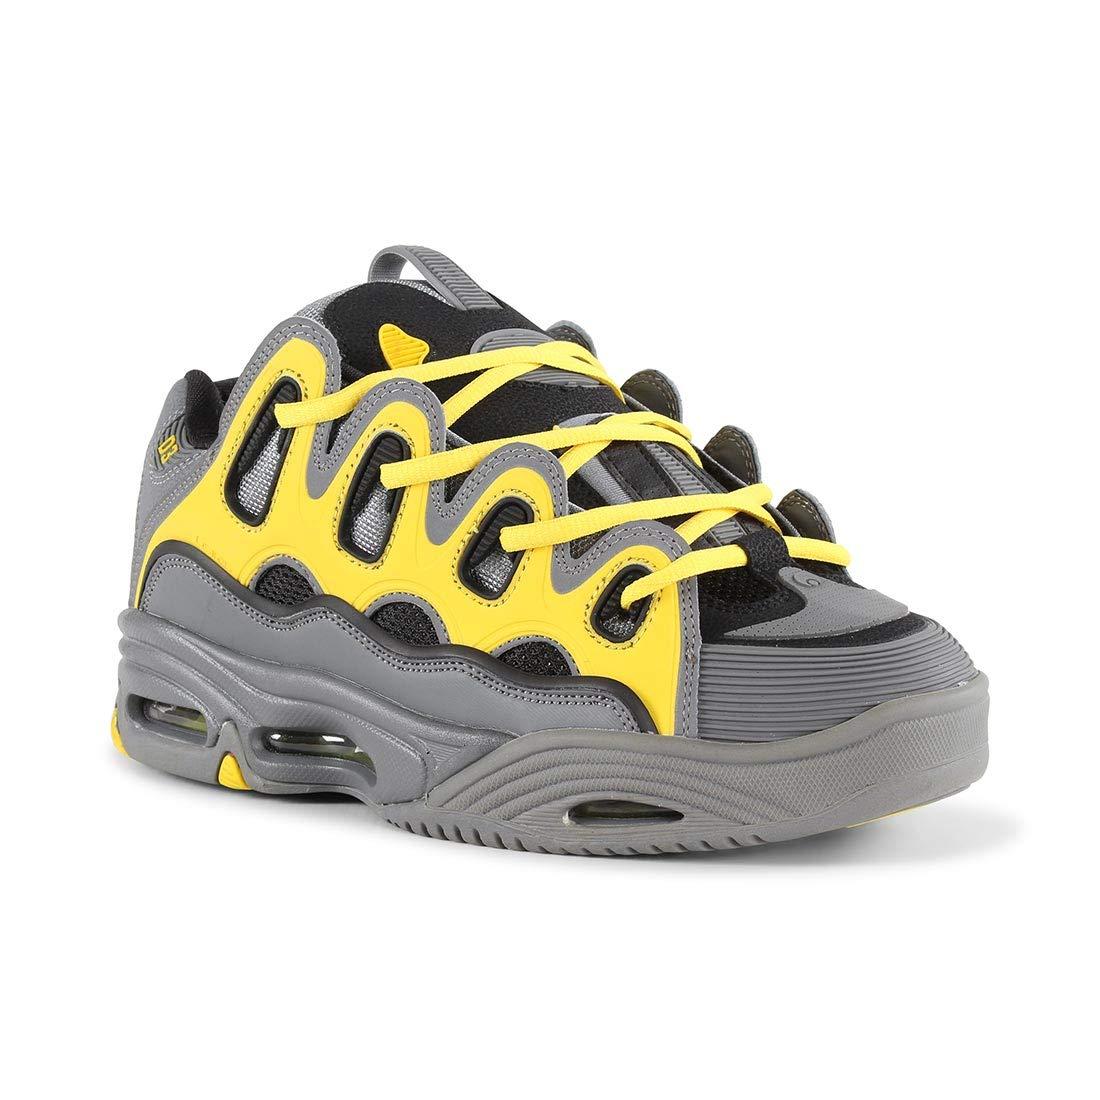 Carbón amarillo (Charcoal amarillo) Adidas NMD_R1 Hauszapatos para Hombre